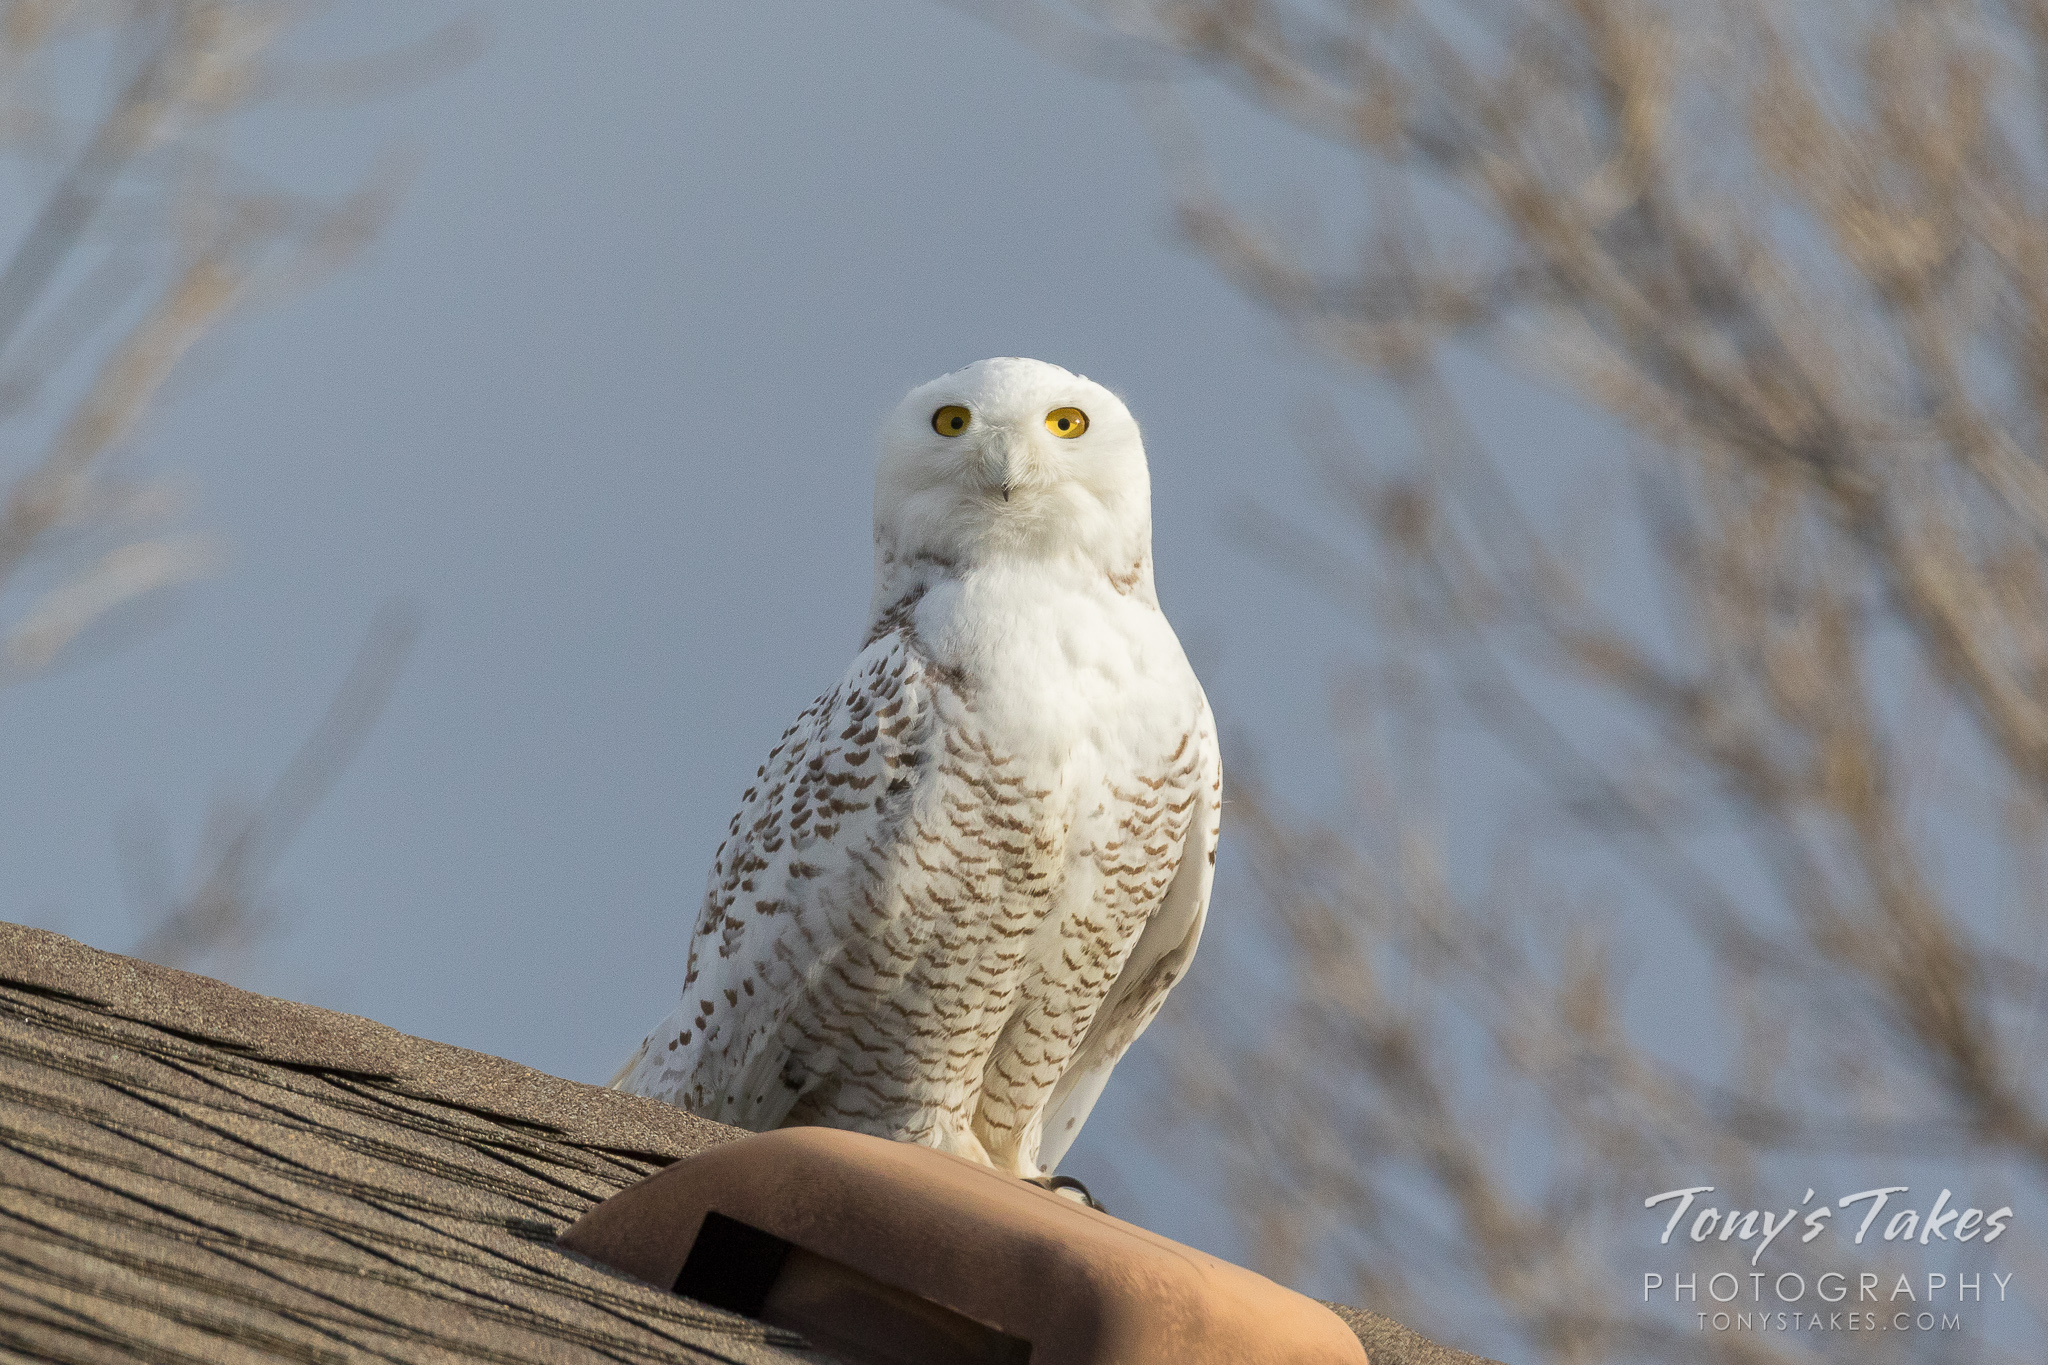 Big eyes on a beautiful snowy owl